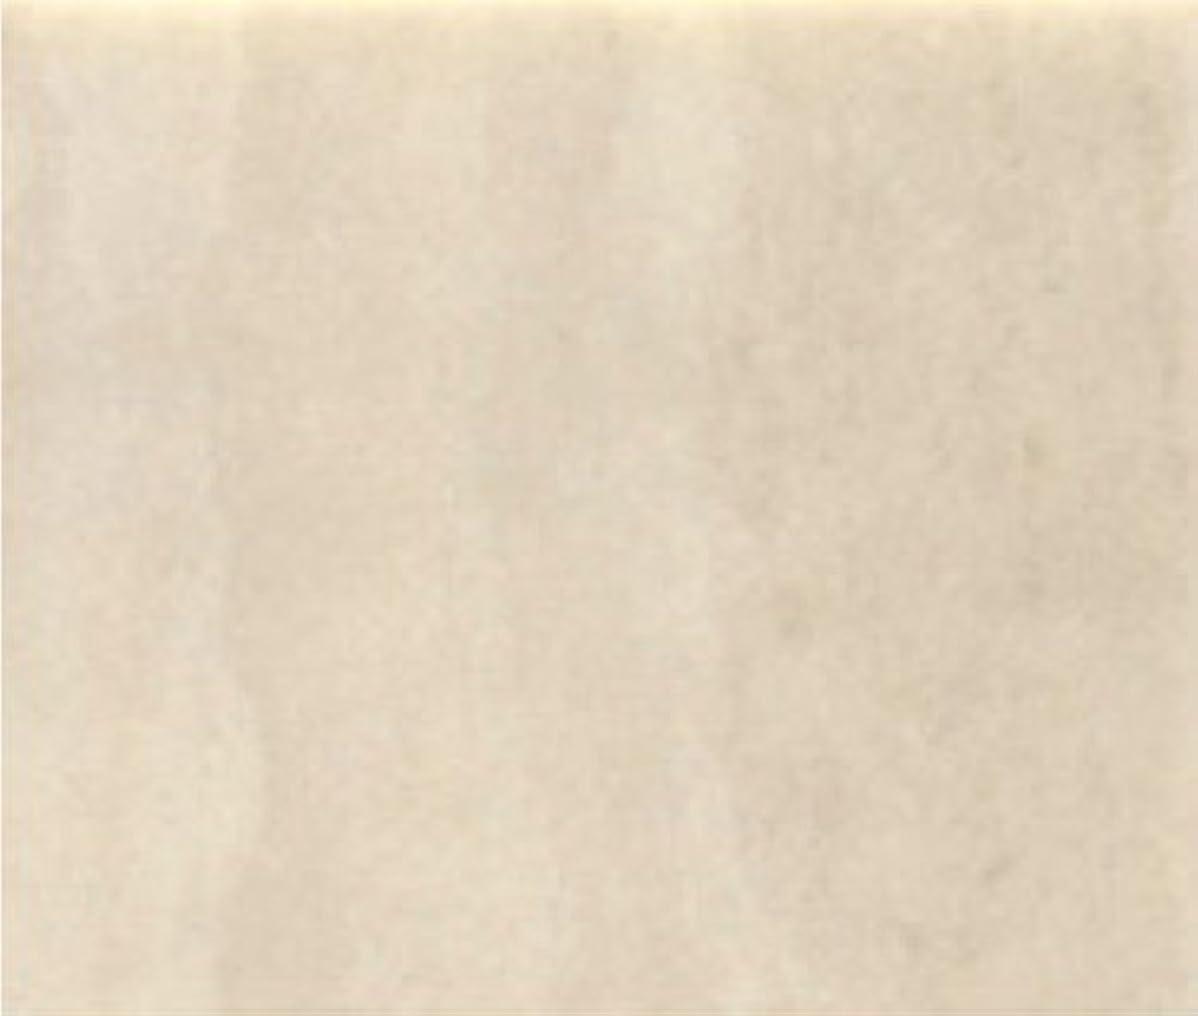 下に向けますナンセンス燃料サンゲツ クッションフロア ライムストーン (長さ1m x 注文数)型番: HM-2070 01M